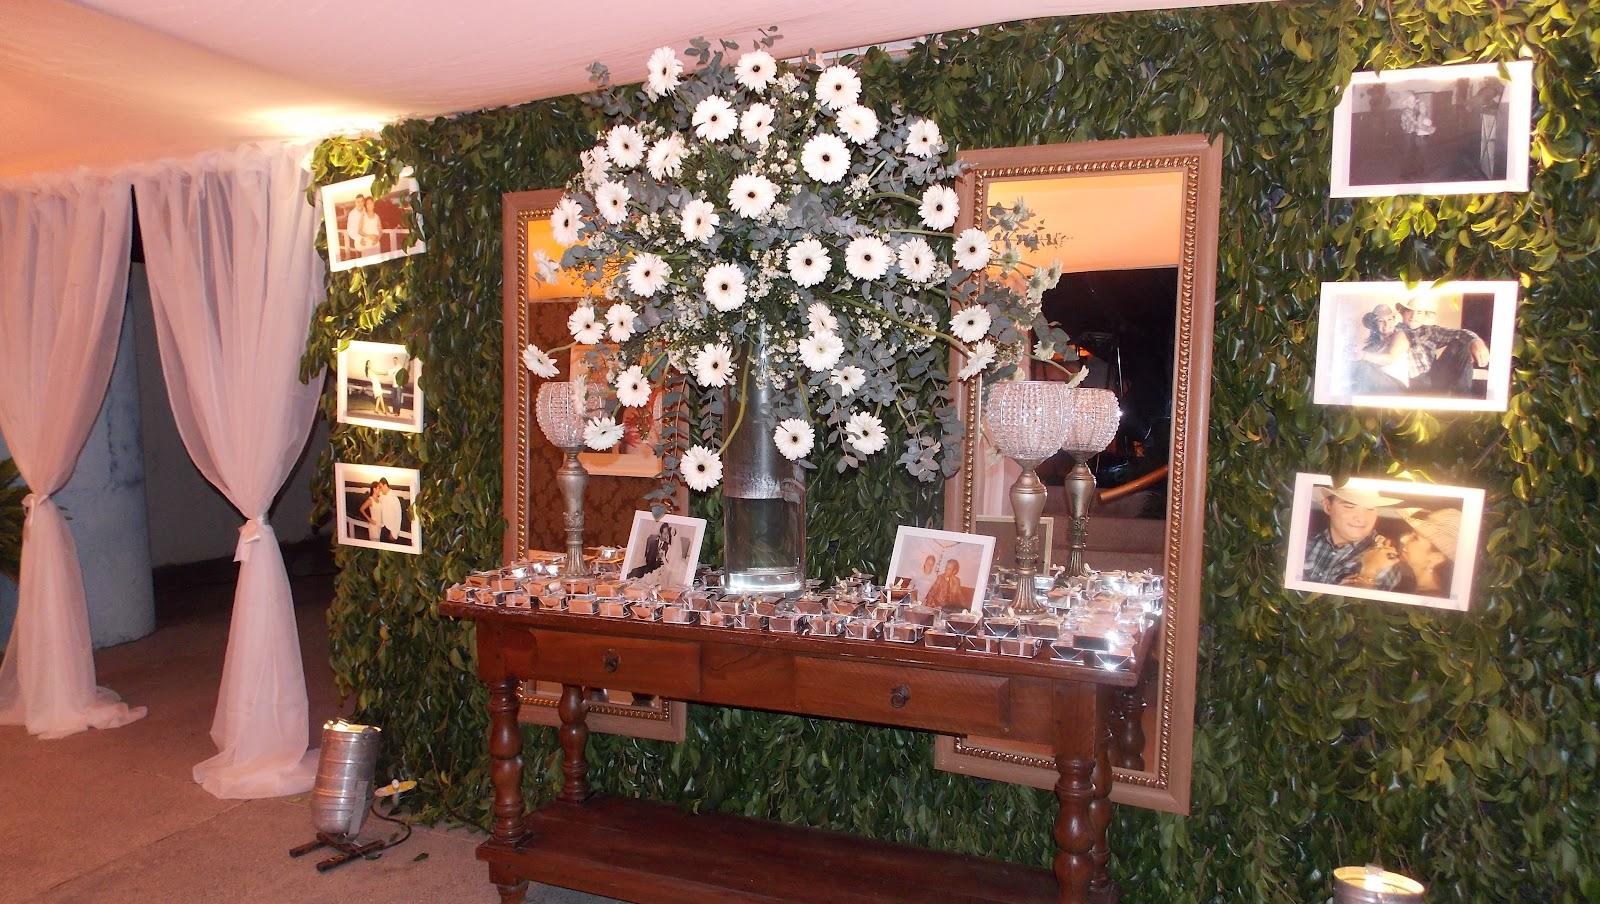 decoracao festa rustica:Vanda Siqueira Eventos: Decoração Rústica de Casamento